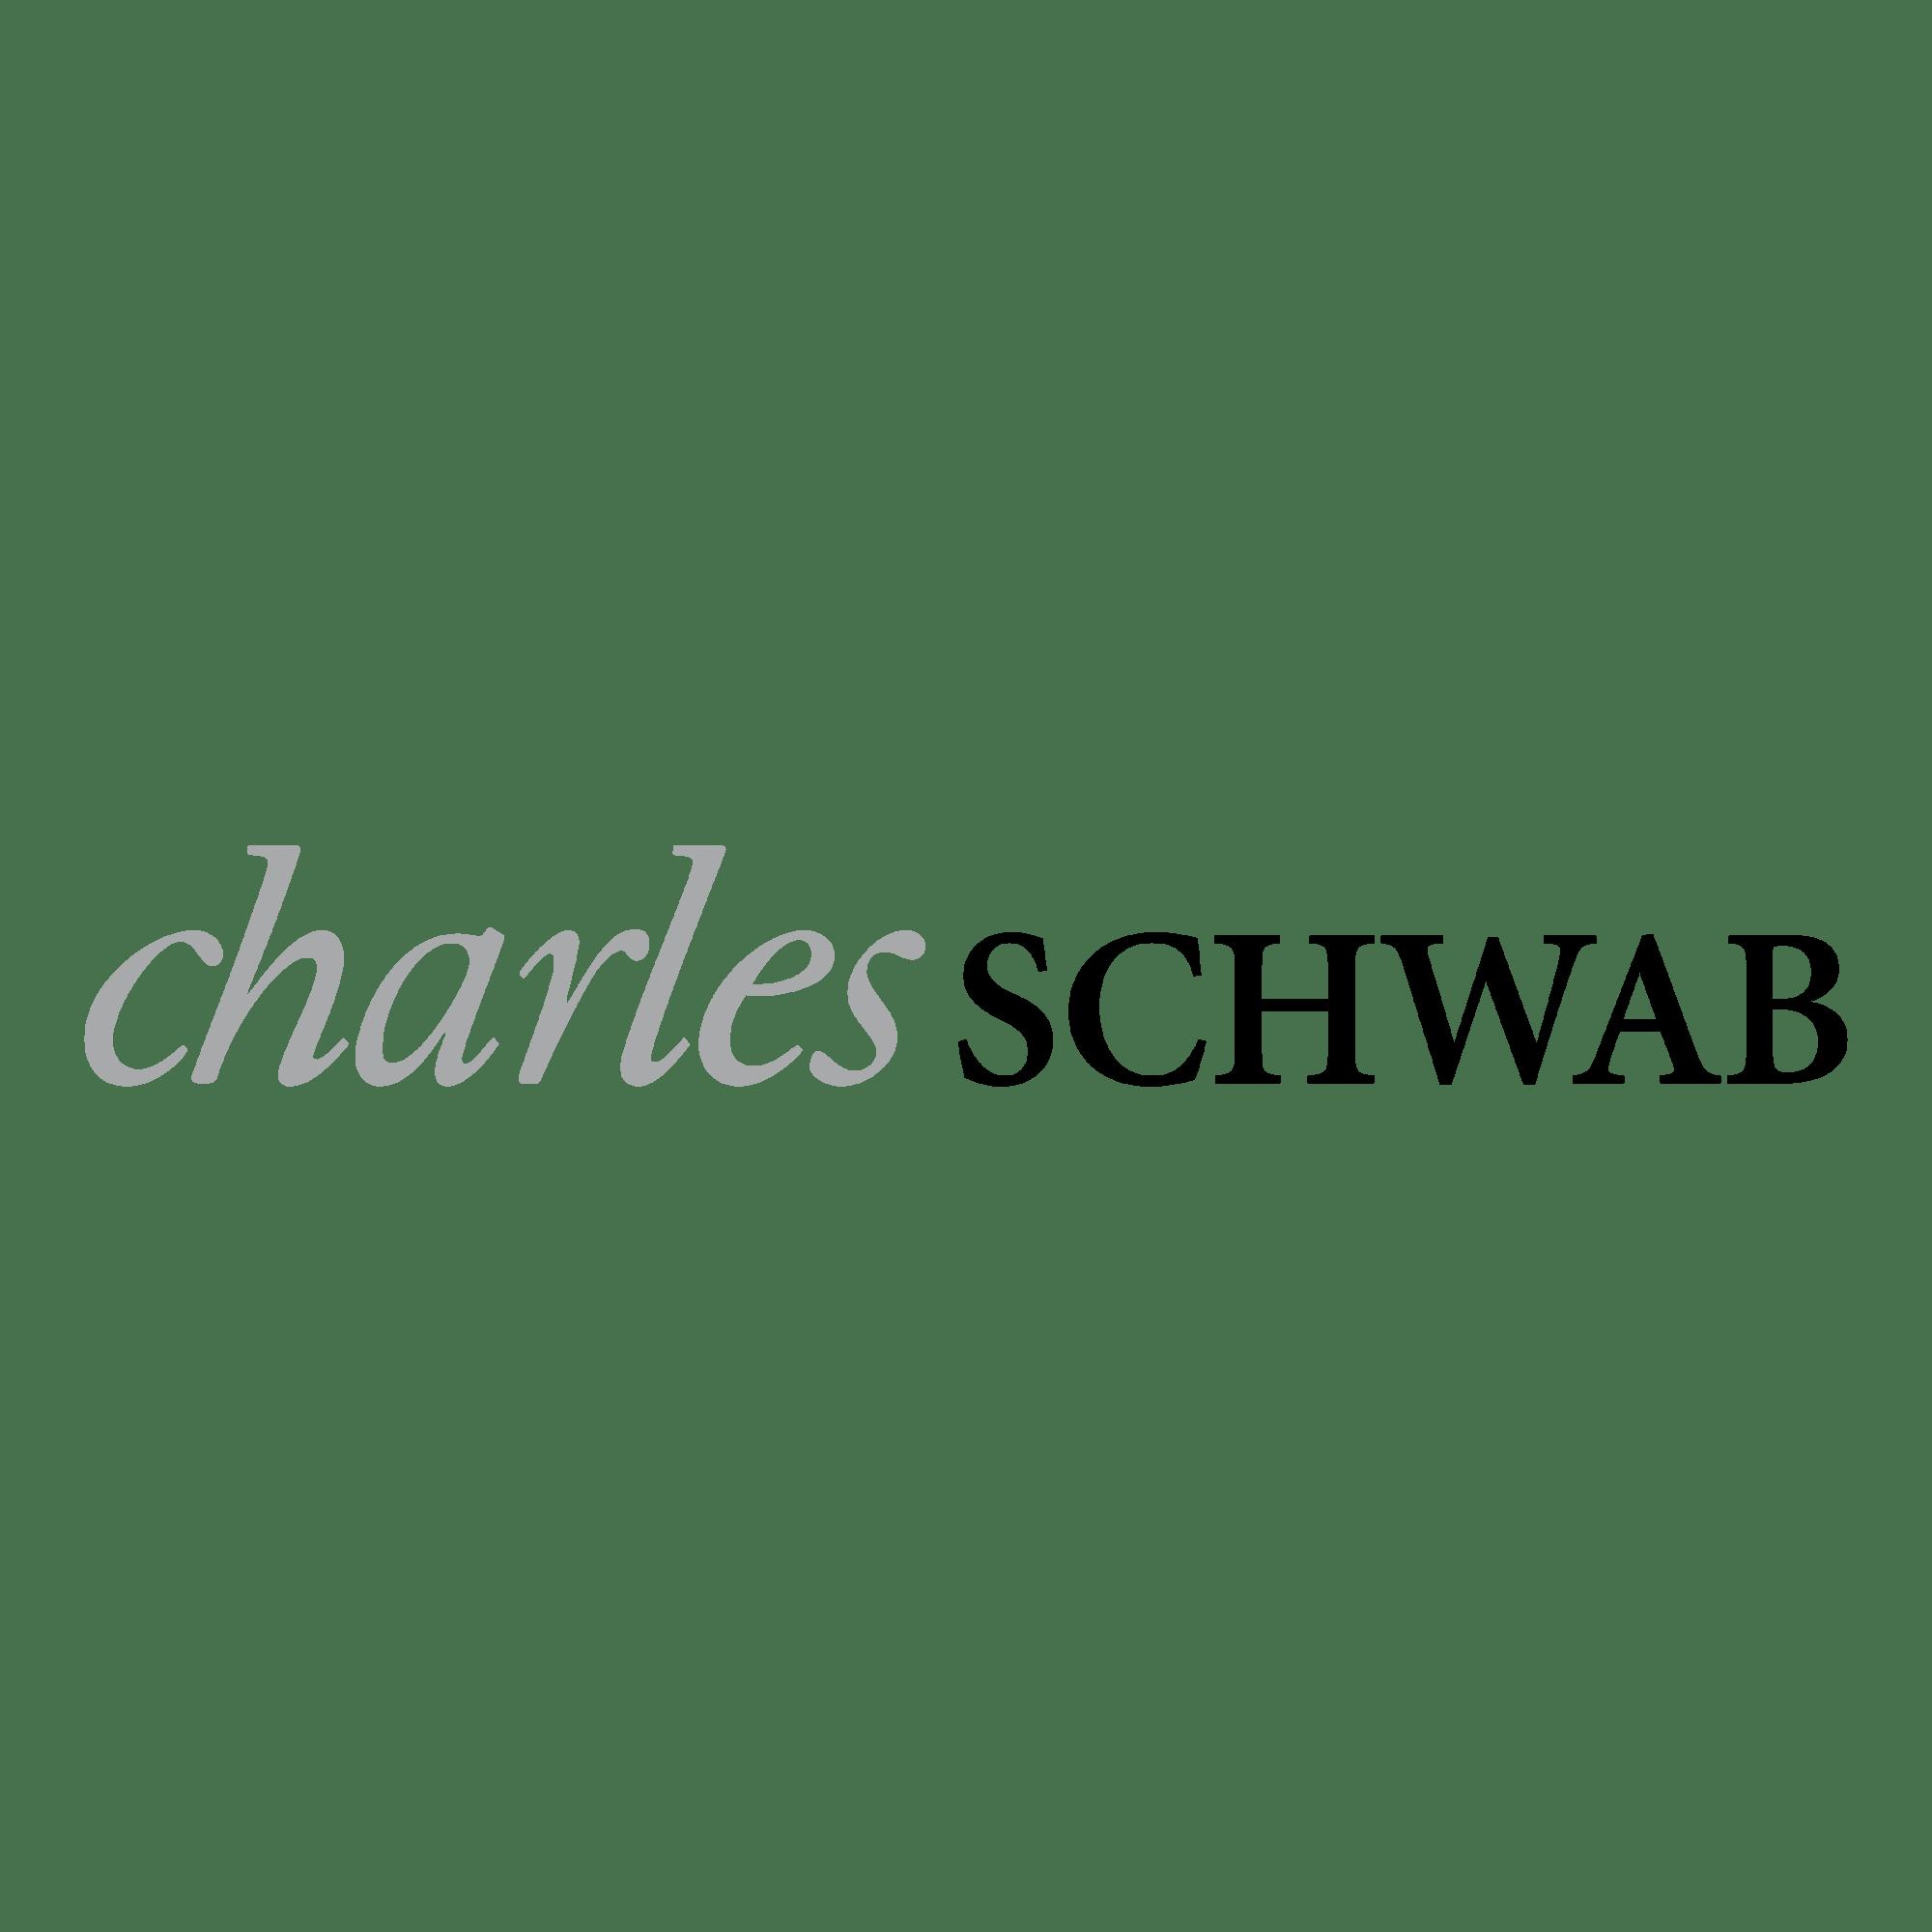 Logo da Schwab